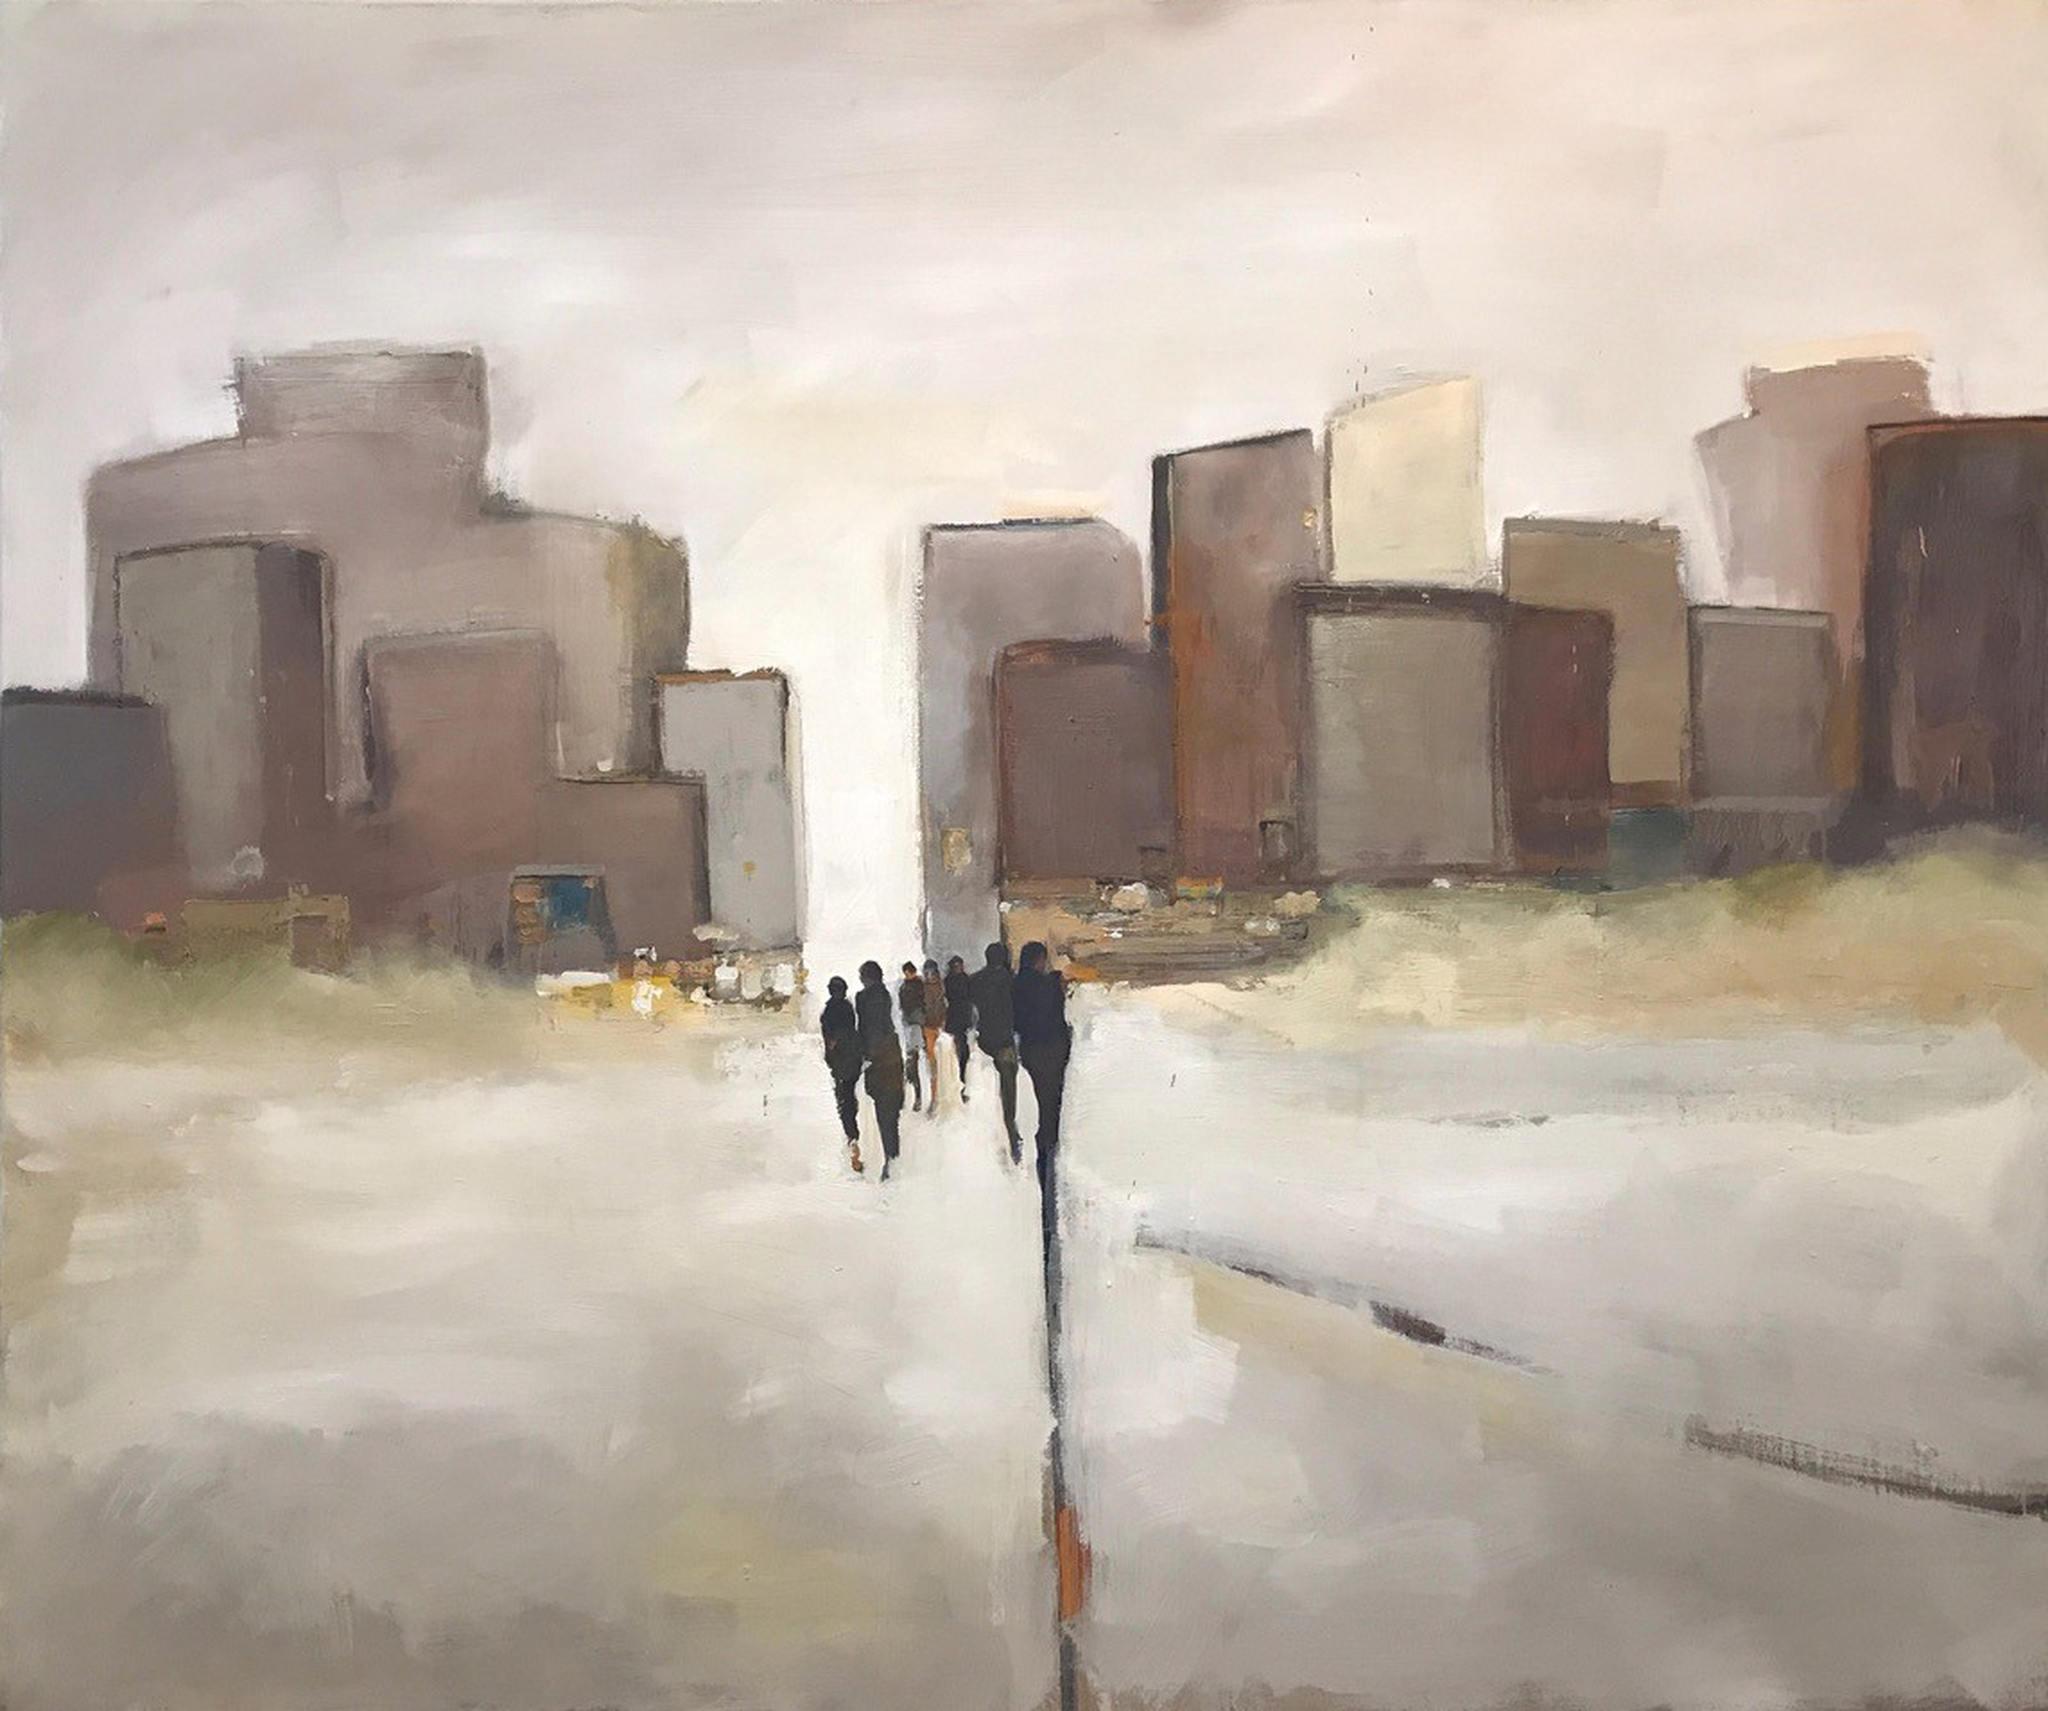 Sclous city, 2021